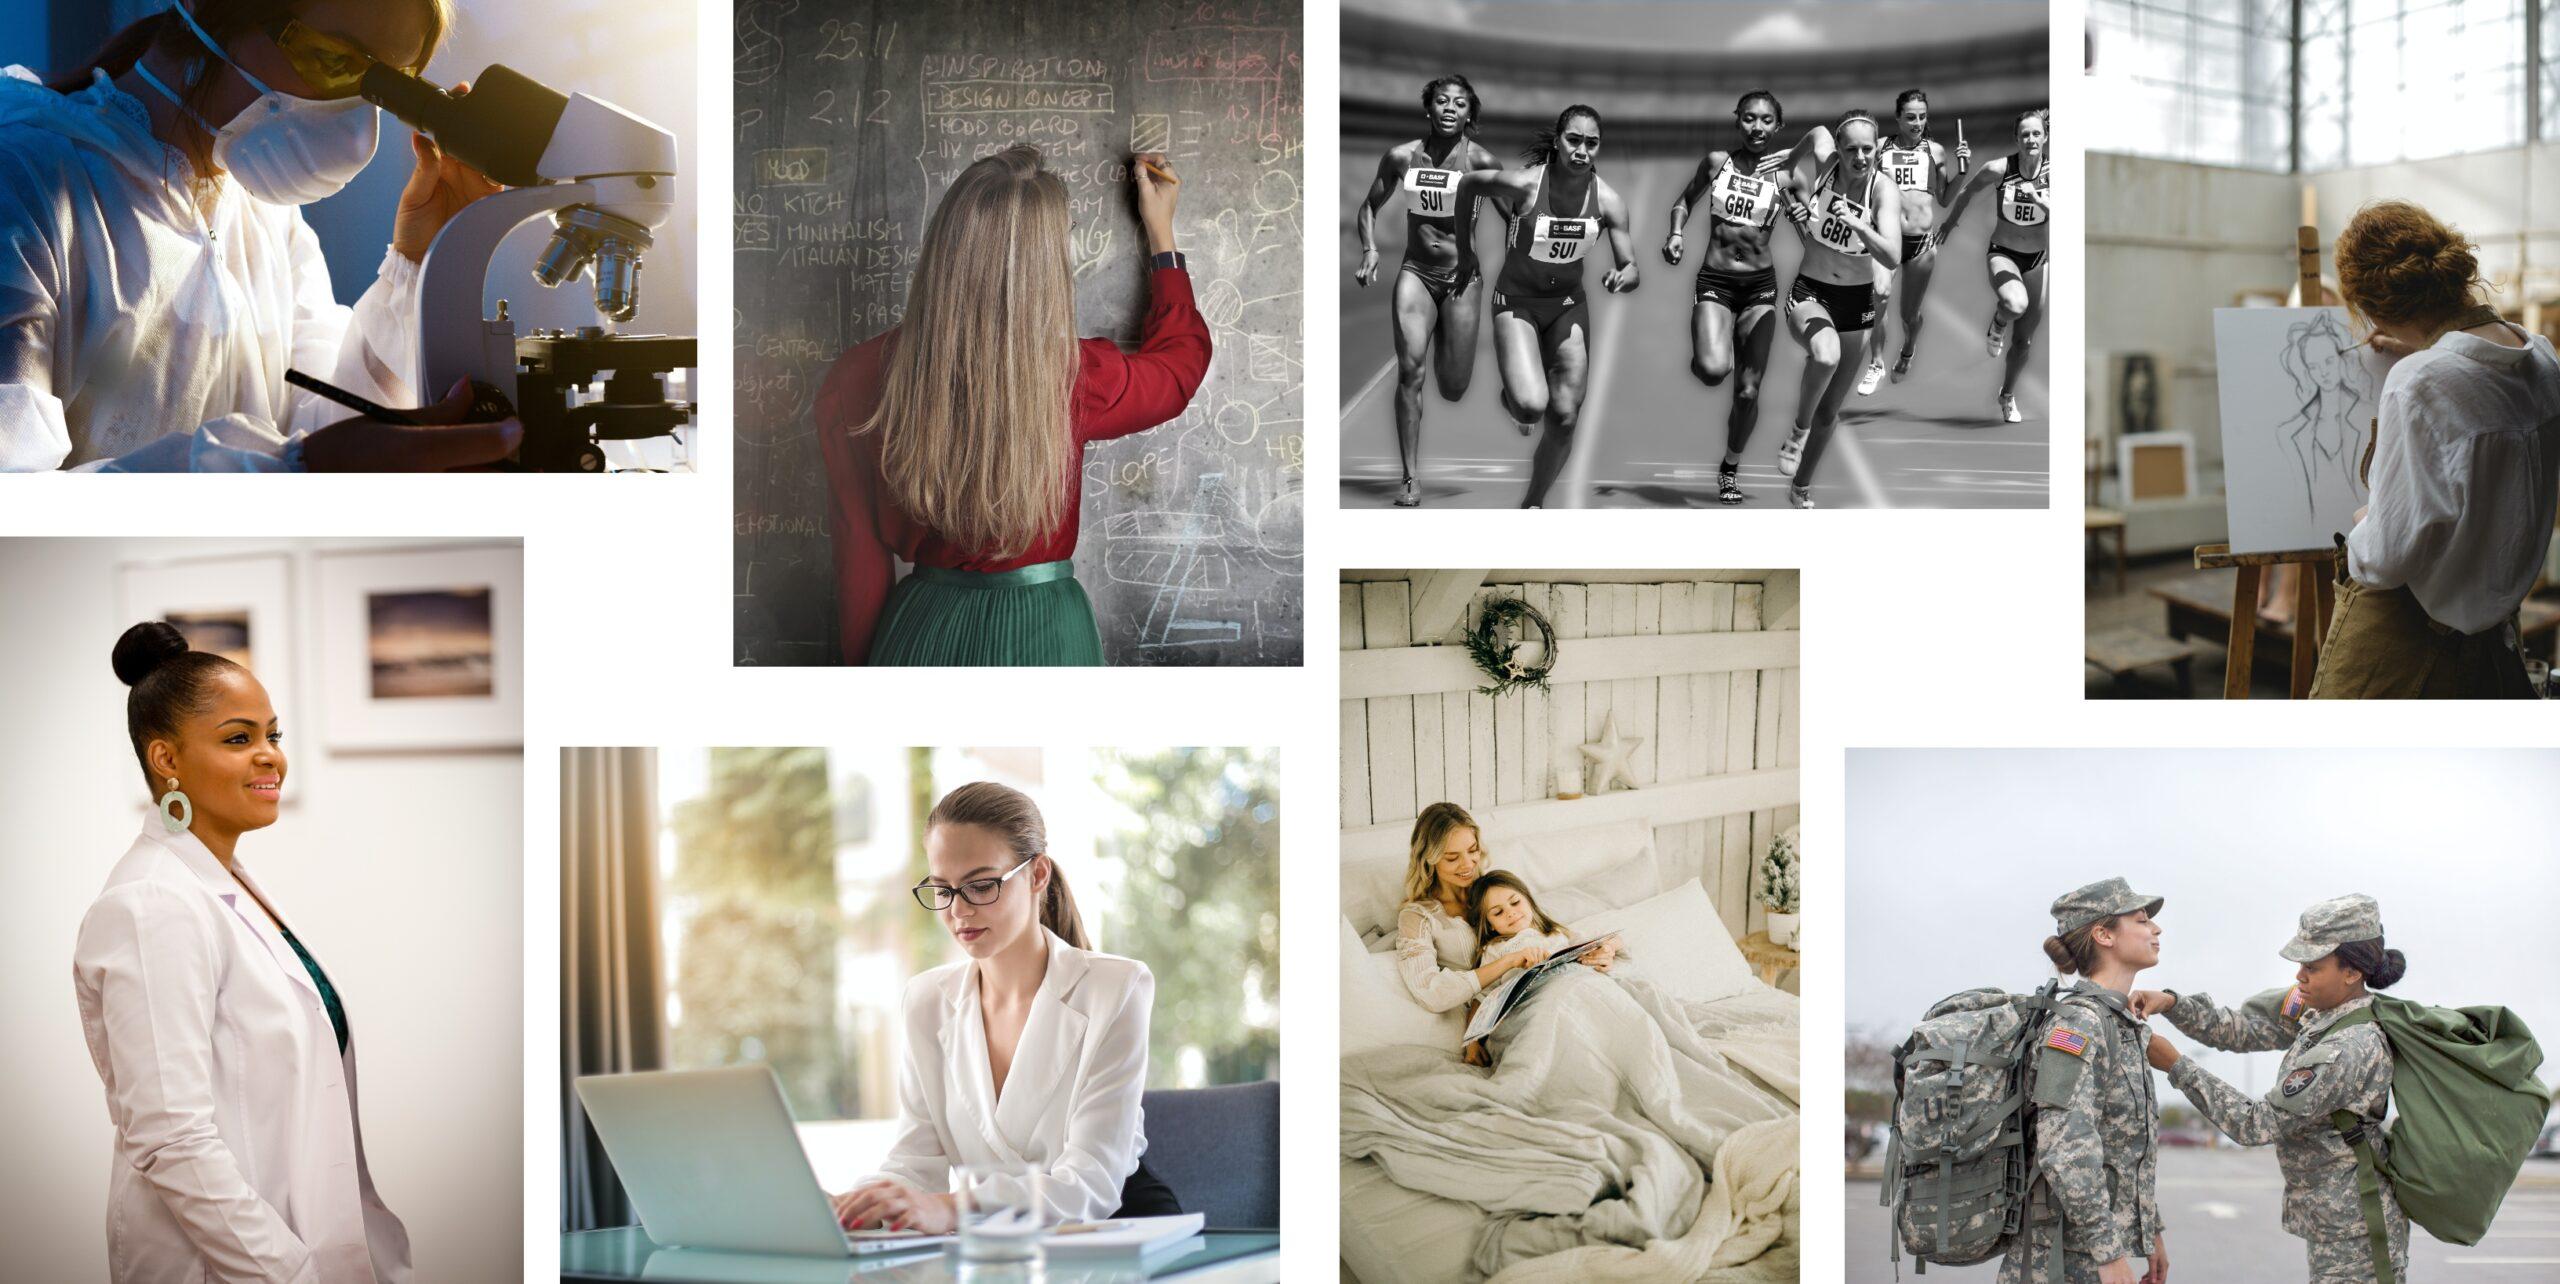 Ψήφισε το καλύτερο άρθρο για το μήνα... <p> Απρίλιο </p> Σπαρταράνε... Διάβασε κάτι το Φοιτητικό Κοινωνικό Ψυχαγωγικό Εκπαιδευτικό #Κοινωνικά <p> Σχετικά Άρθρα </p> #Φοιτητικά <p> Σχετικά Άρθρα </p> #LifeHacks <p> Σχετικά Άρθρα </p> #Τέχνες <p> Σχετικά Άρθρα </p> #Ταξίδια <p> Σχετικά Άρθρα </p> #Εκδηλώσεις <p> Σχετικά Άρθρα </p> Άρθρο του μήνα <p> Ψηφισμένα άρθρα του μήνα </p> Παγκόσμιες Ημέρες